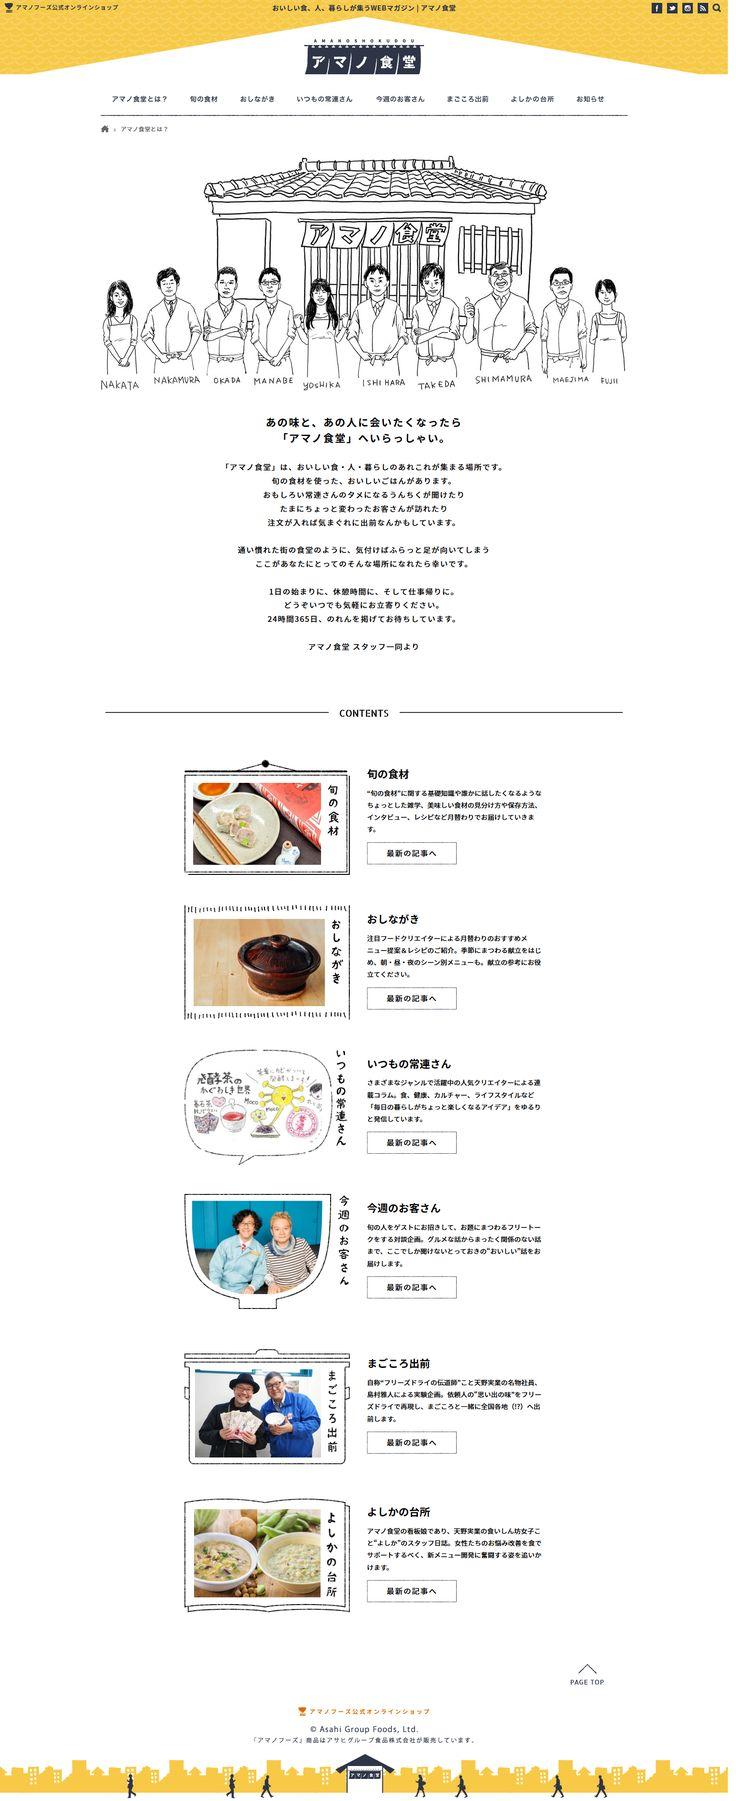 アマノ食堂 byアマノフーズ